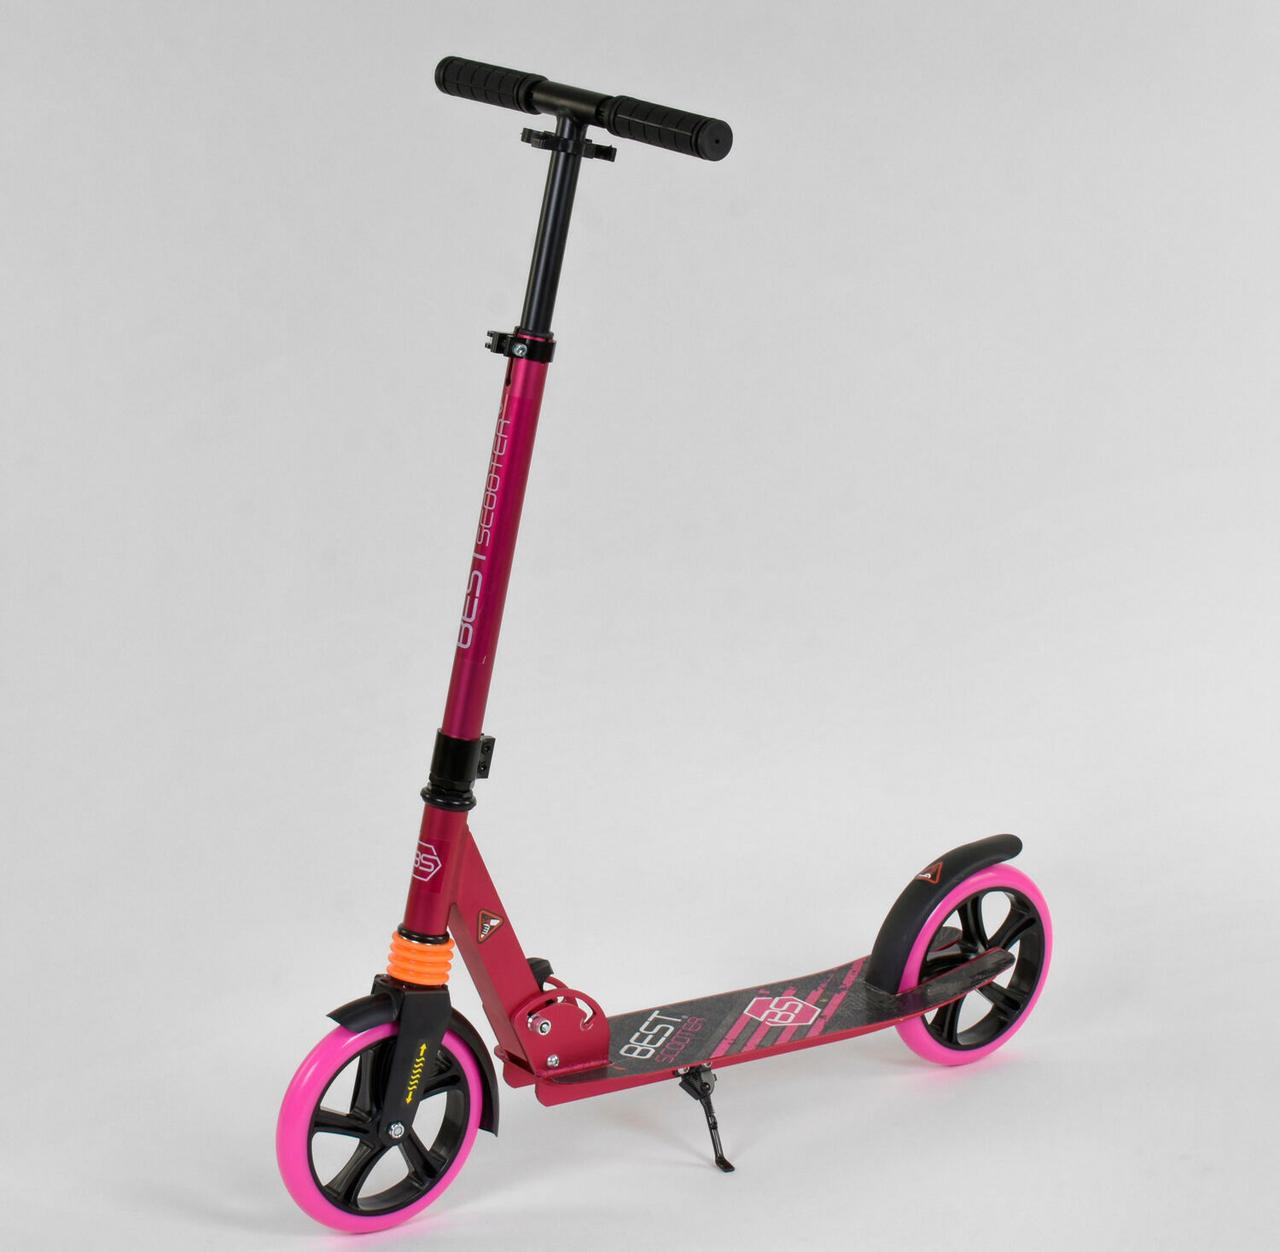 Самокат двухколесный  Best Scooter, Малиновый, цветные колеса PU - 20 см, зажим руля, длина доски 53 см